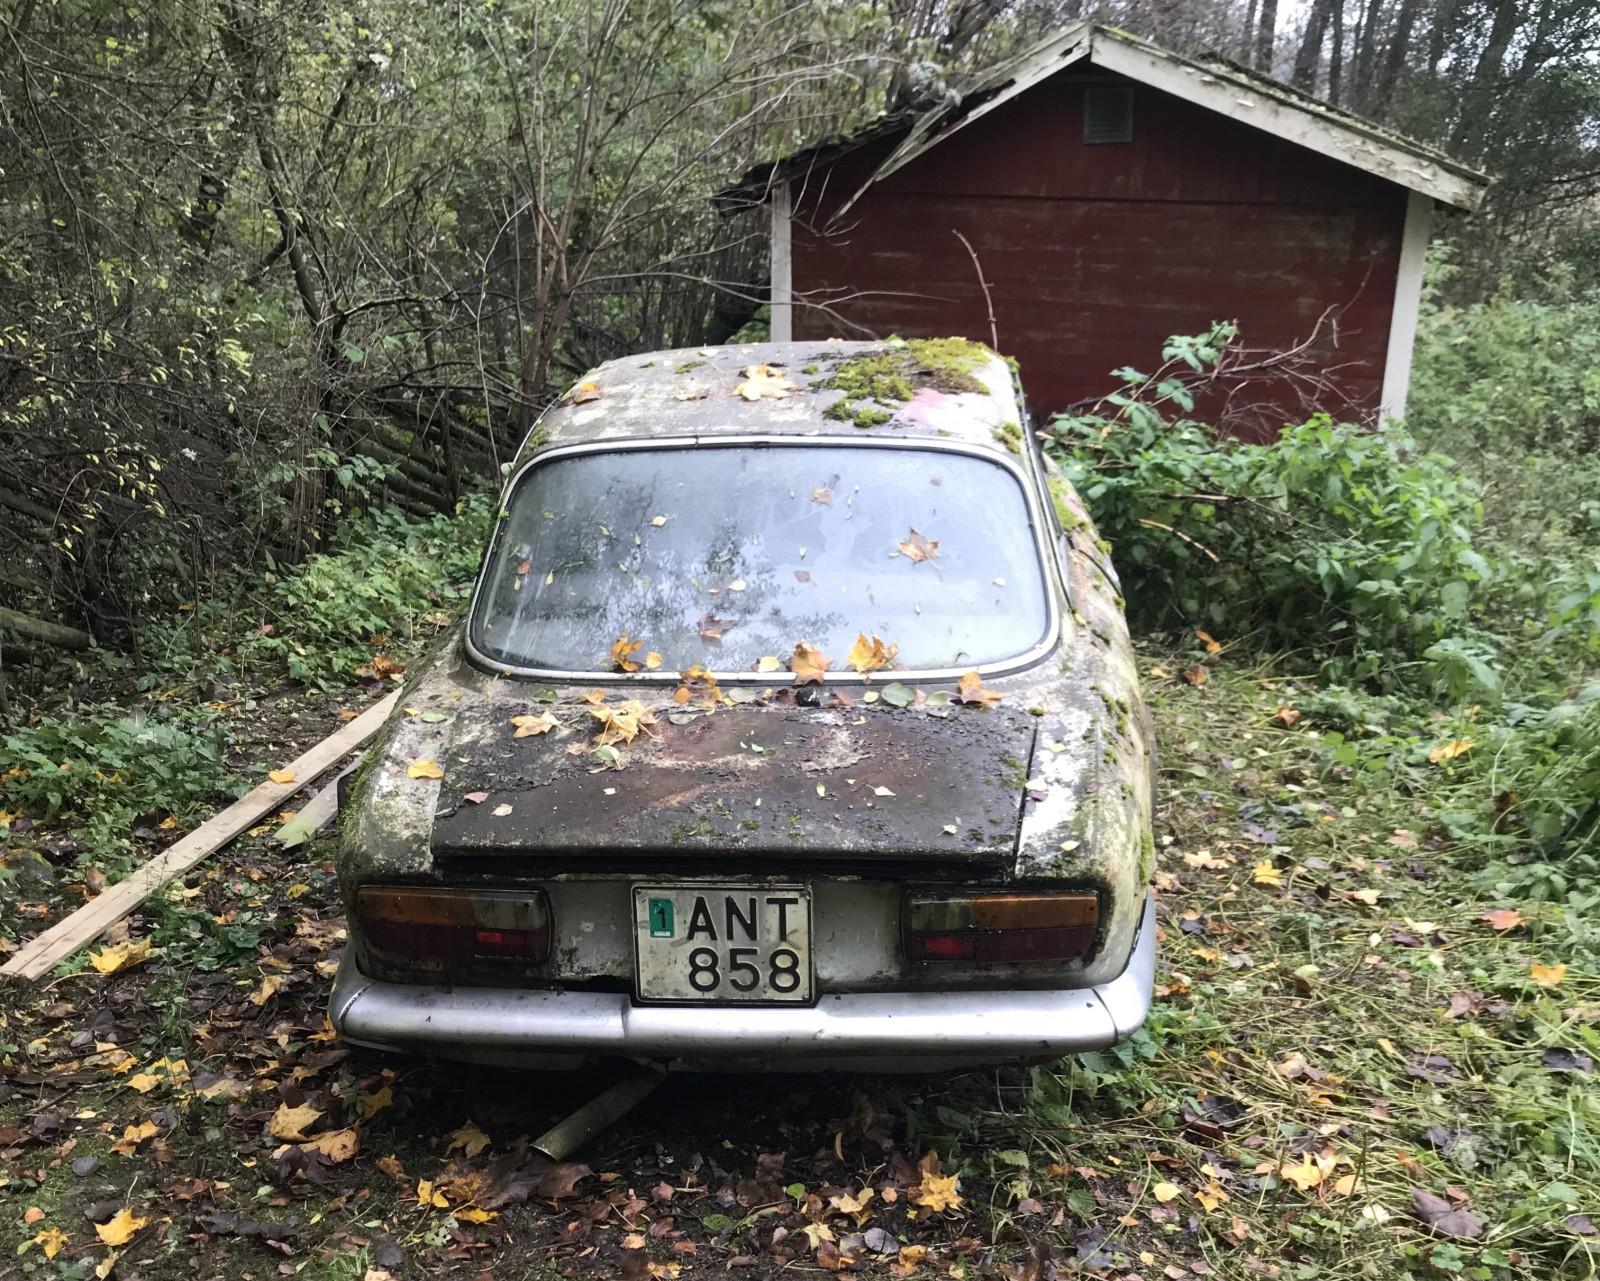 Alfan har stått utomhus på samma plats sedan 1981.